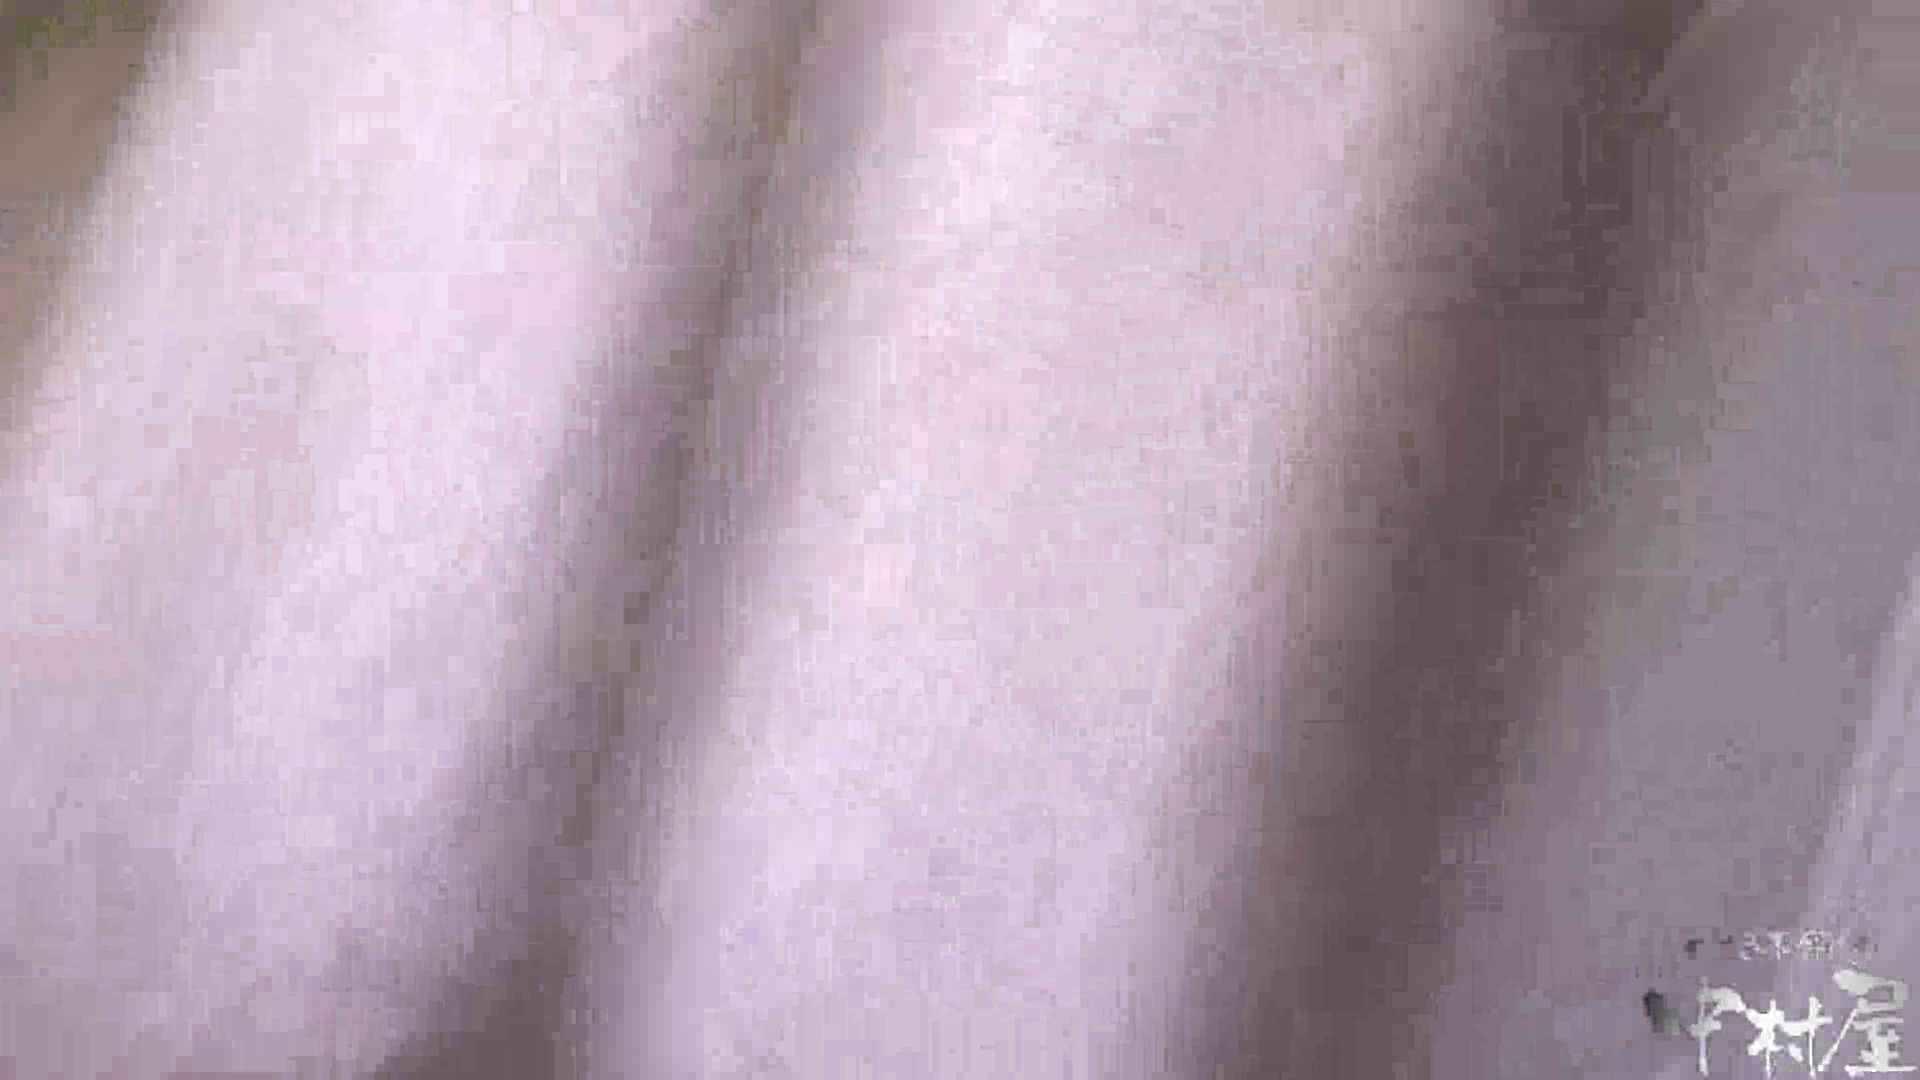 ドキドキ❤新入生パンチラ歓迎会vol.07 美しいOLの裸体 スケベ動画紹介 95pic 52